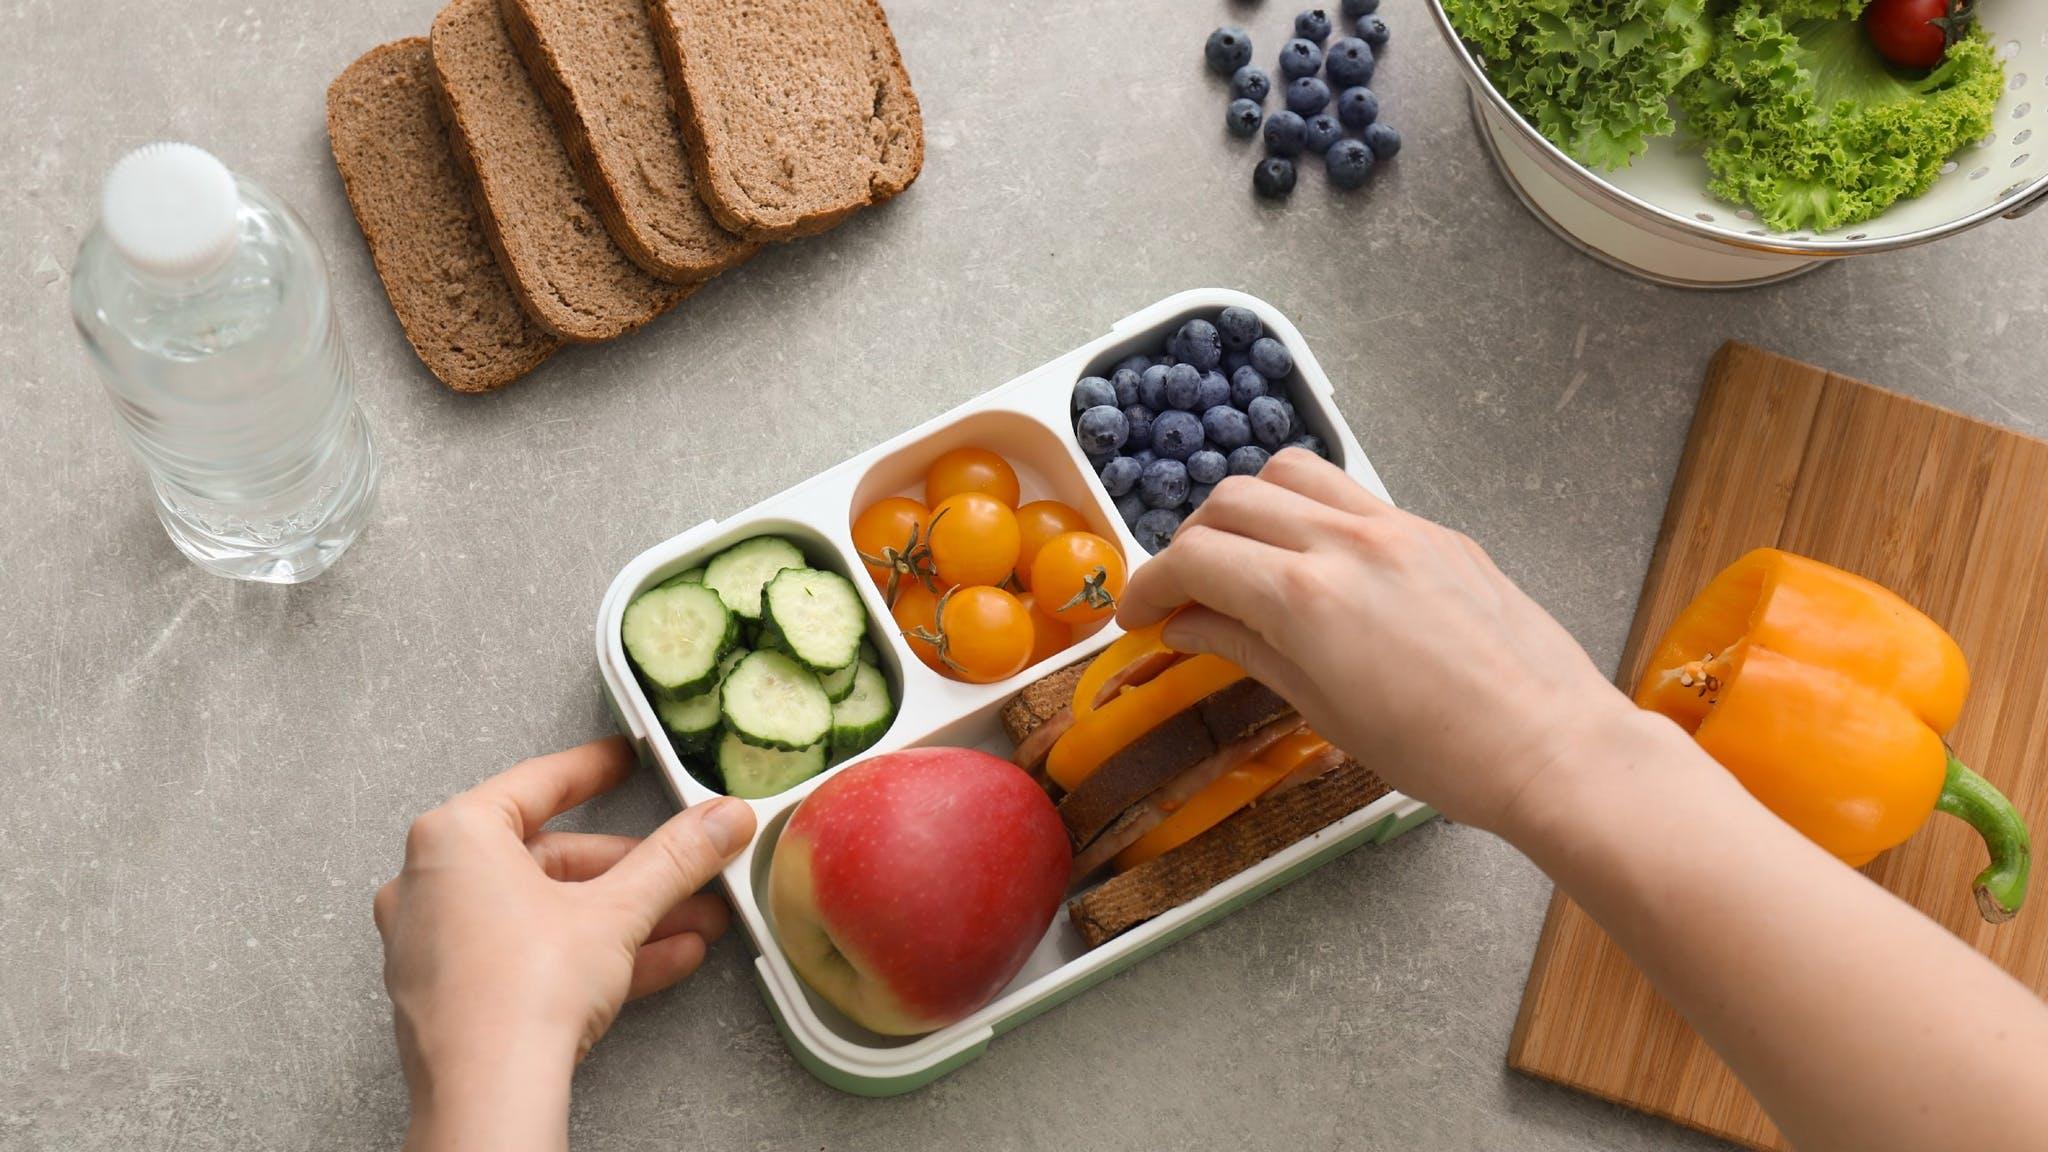 7 Handy Hints To Pack School Meals